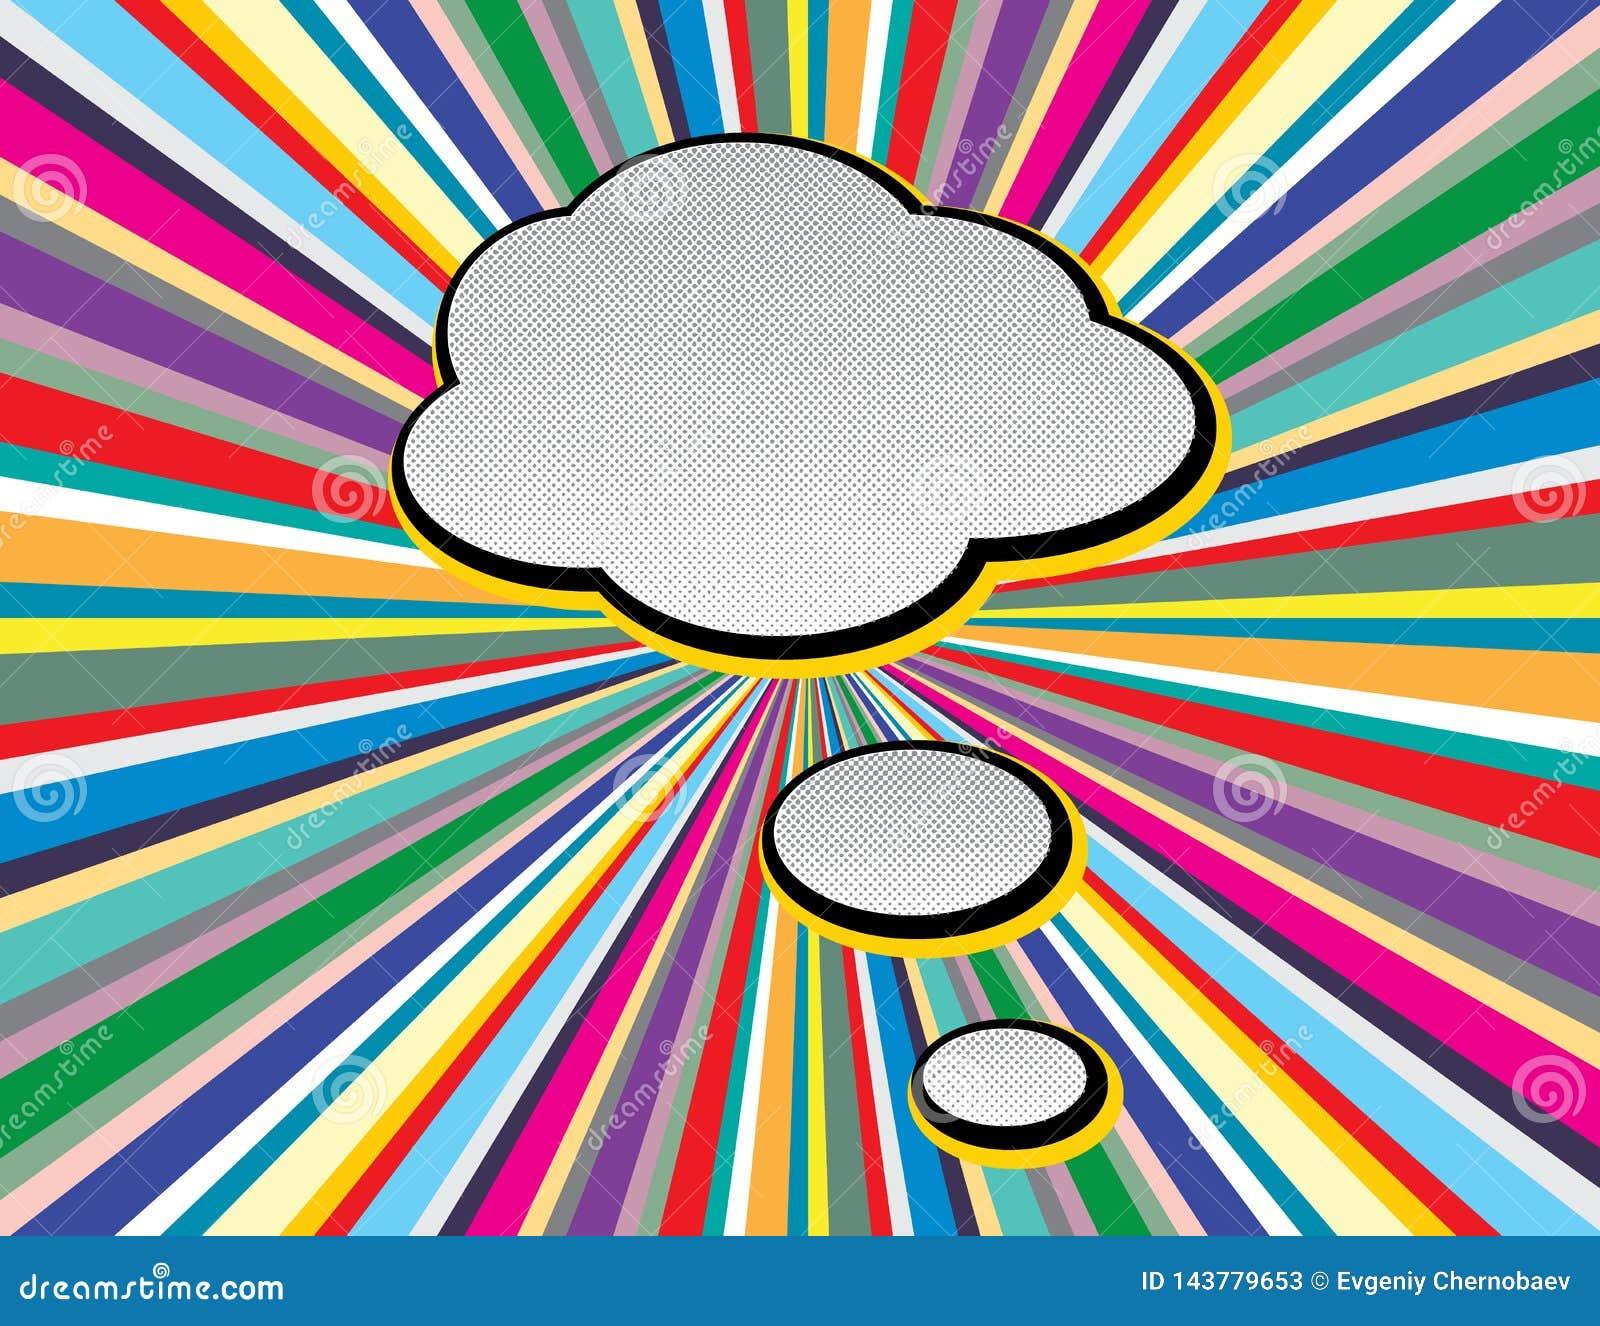 Bruit comique Art Style de bulle de la parole des textes sur le fond de rayons de style de TV Les r?tros bulles vides comiques de